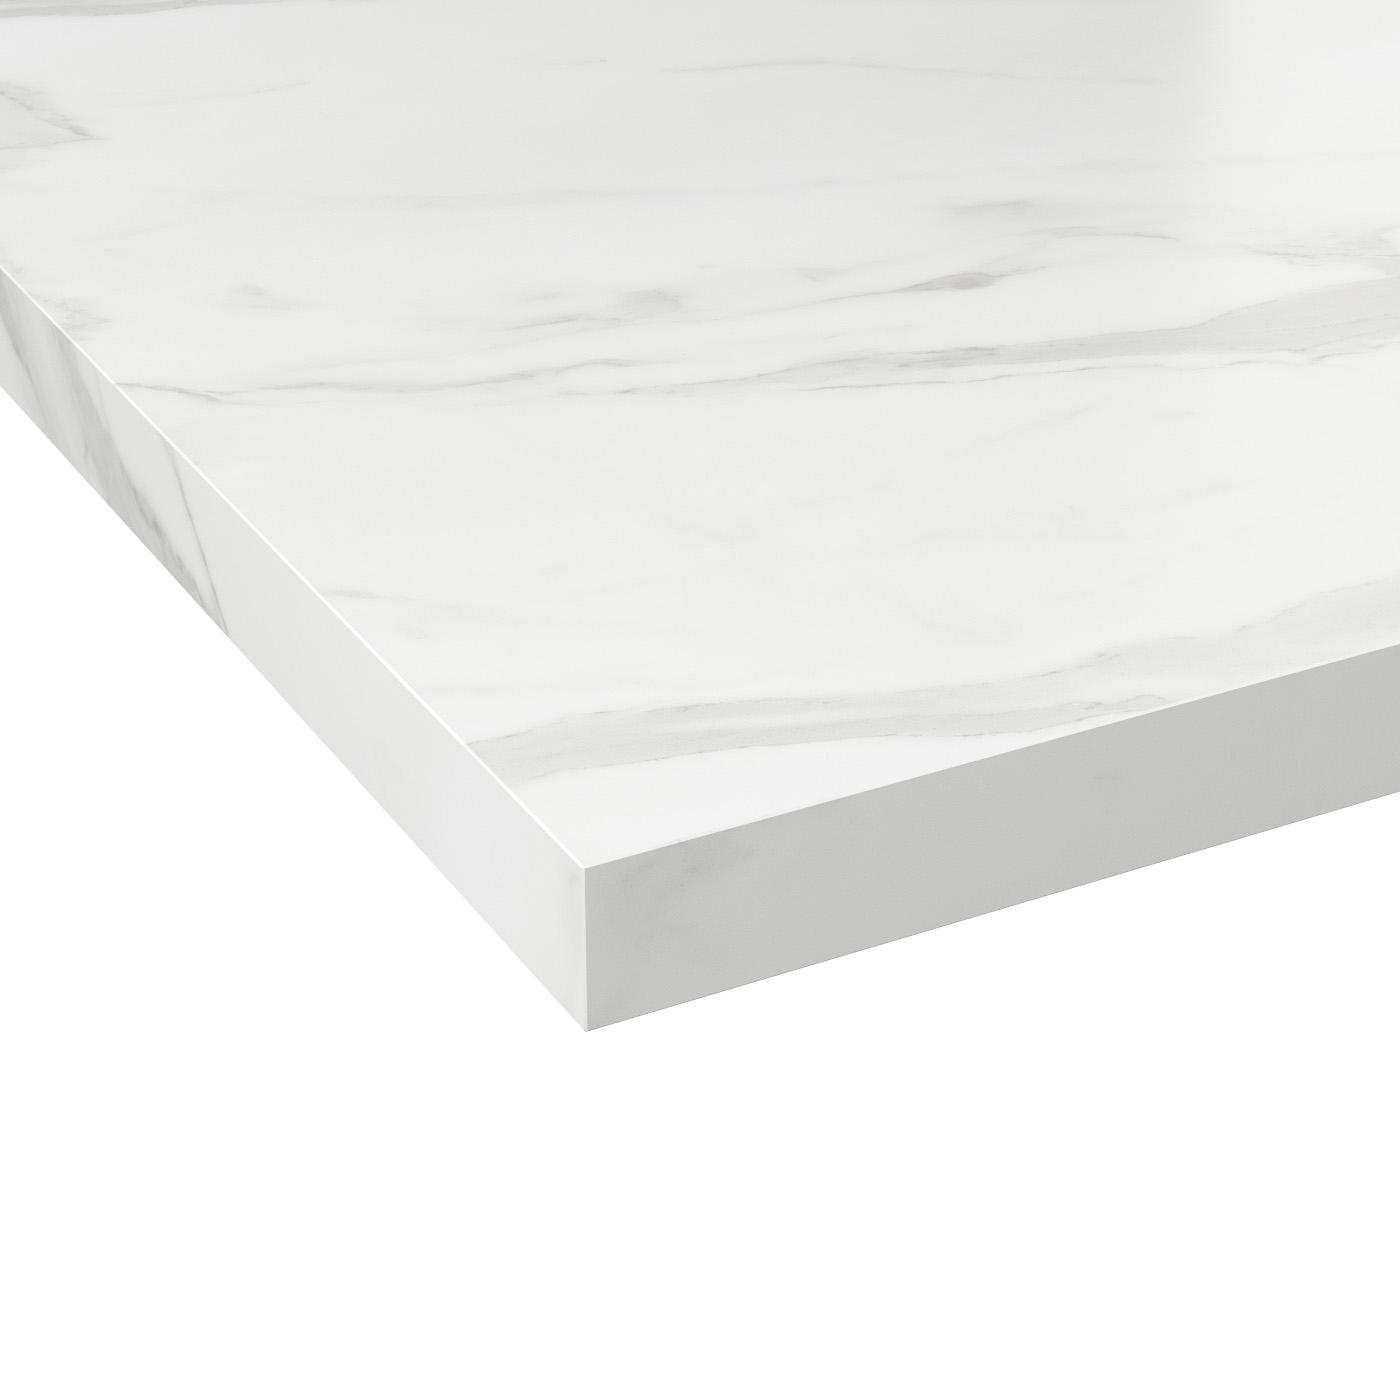 Deport Plan De Travail plan de travail cuisine n°308 décor marbre blanc stratifié, chant  coordonné, l204 x l62 x e3.8 cm, planeko